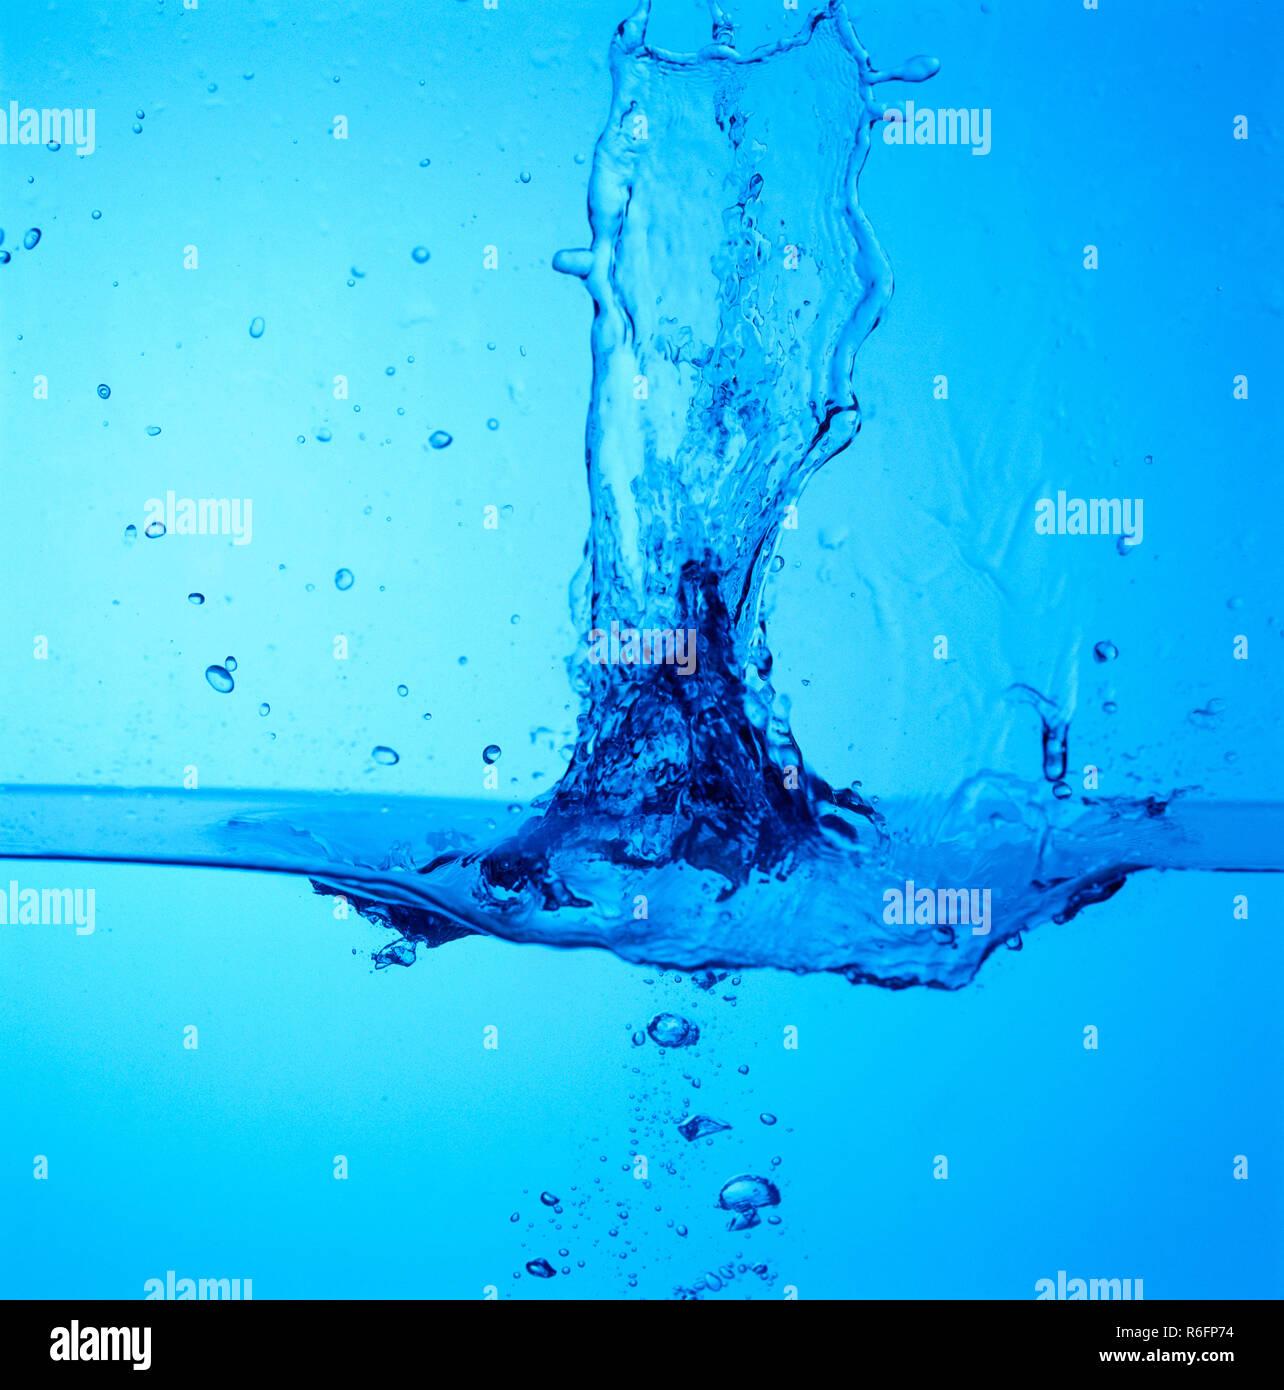 Concetto, goccia d'acqua splash con sfondo blu Immagini Stock